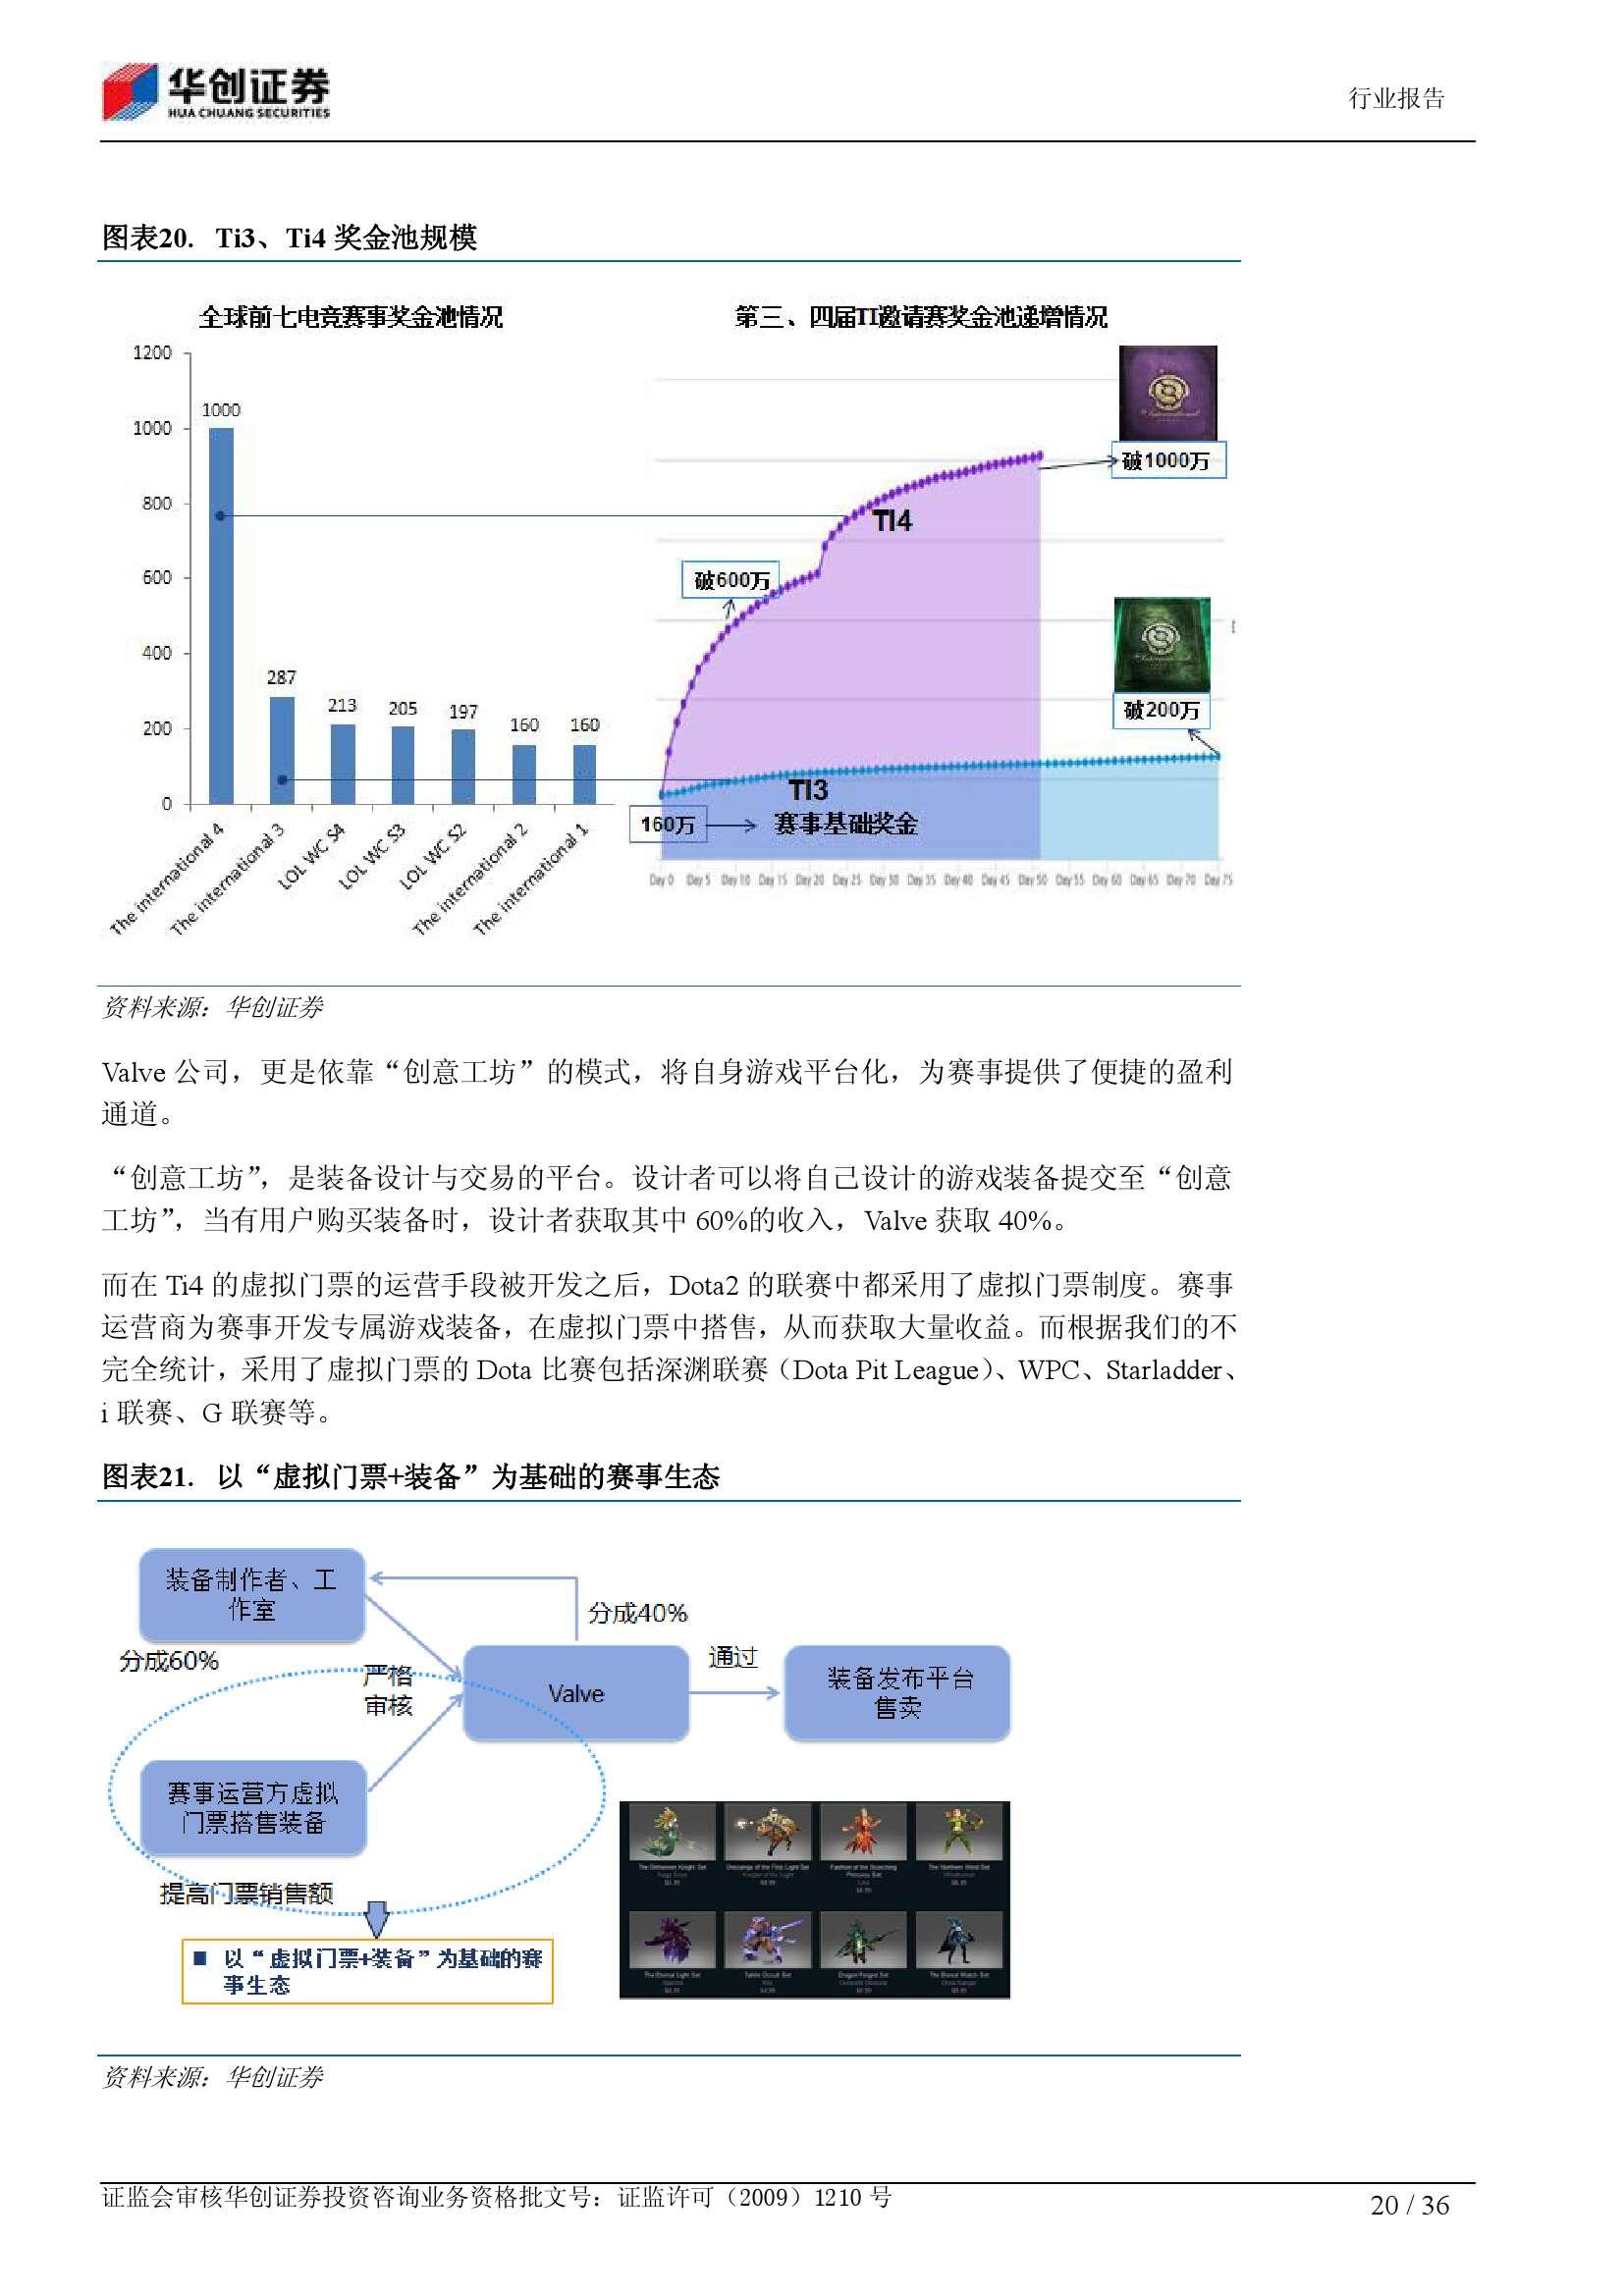 电子竞技深度报告:从小众娱乐 到千亿产业_000020